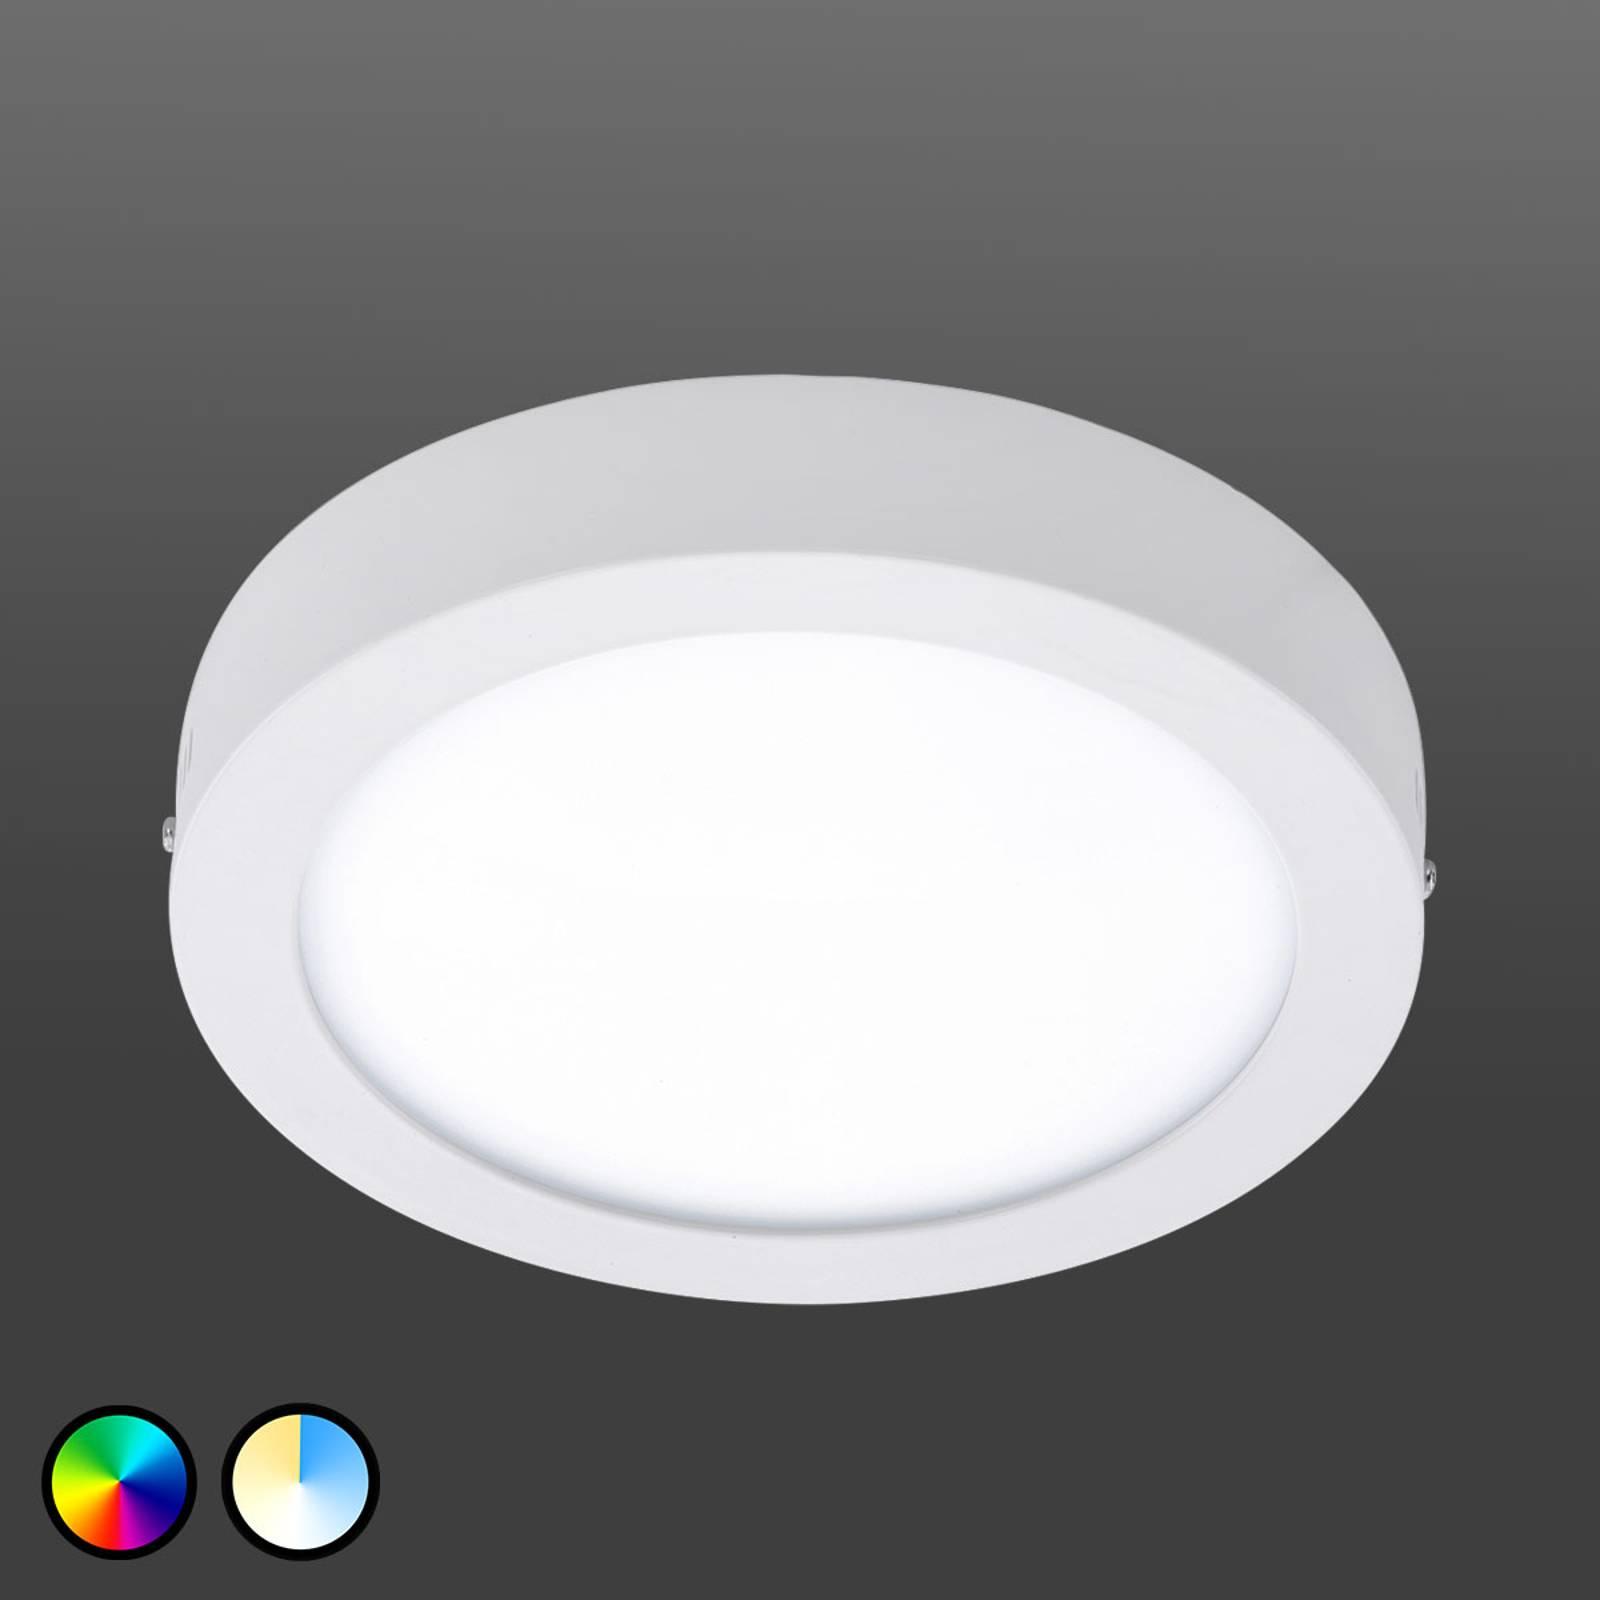 Plafoniera EGLO connect Fueva-C 22,5 cm bianca